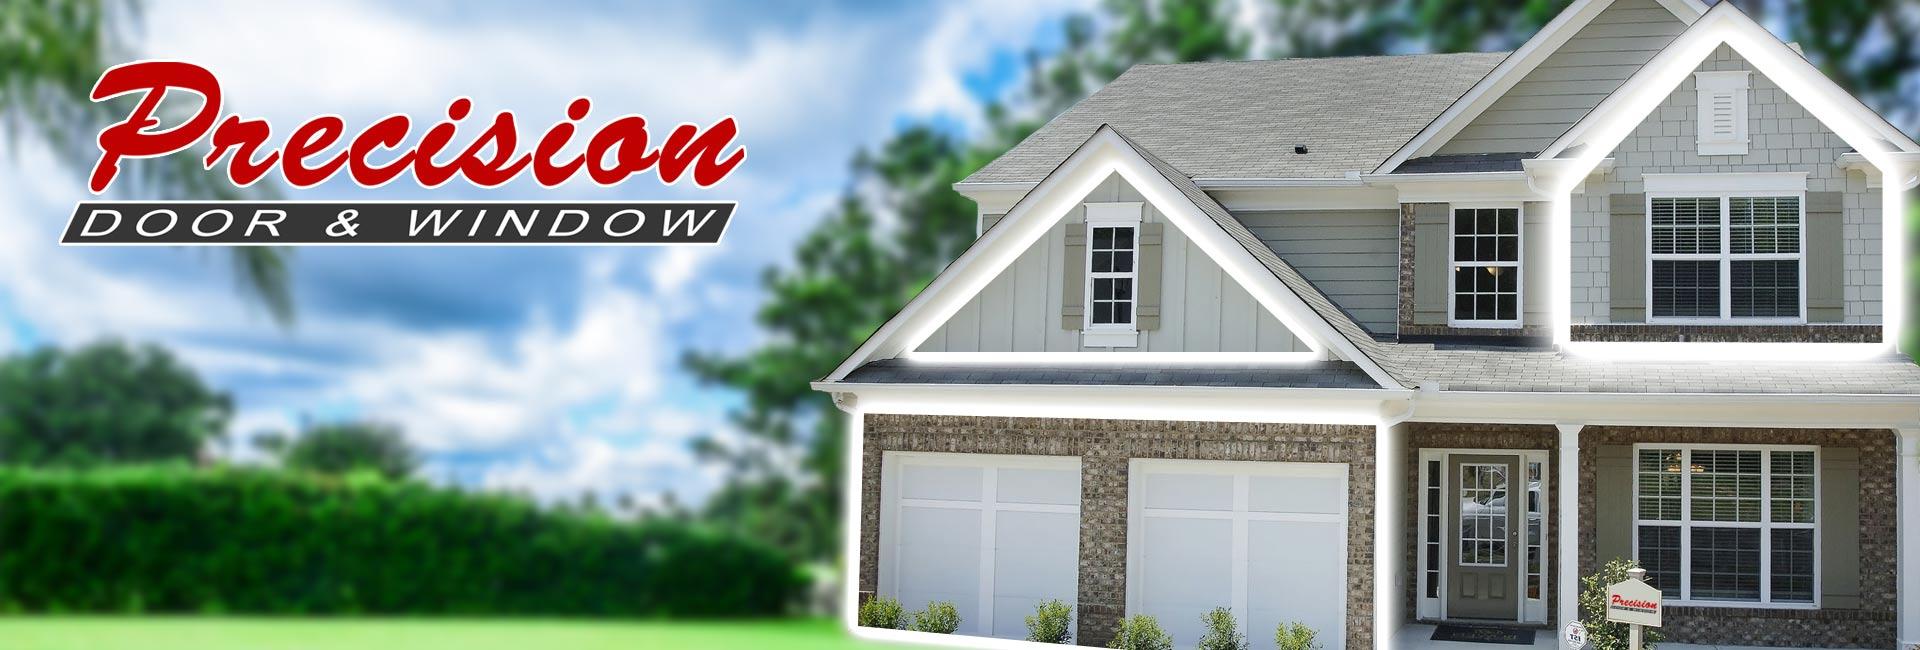 Precision Door Amp Window Doors Windows Roof Siding Experts